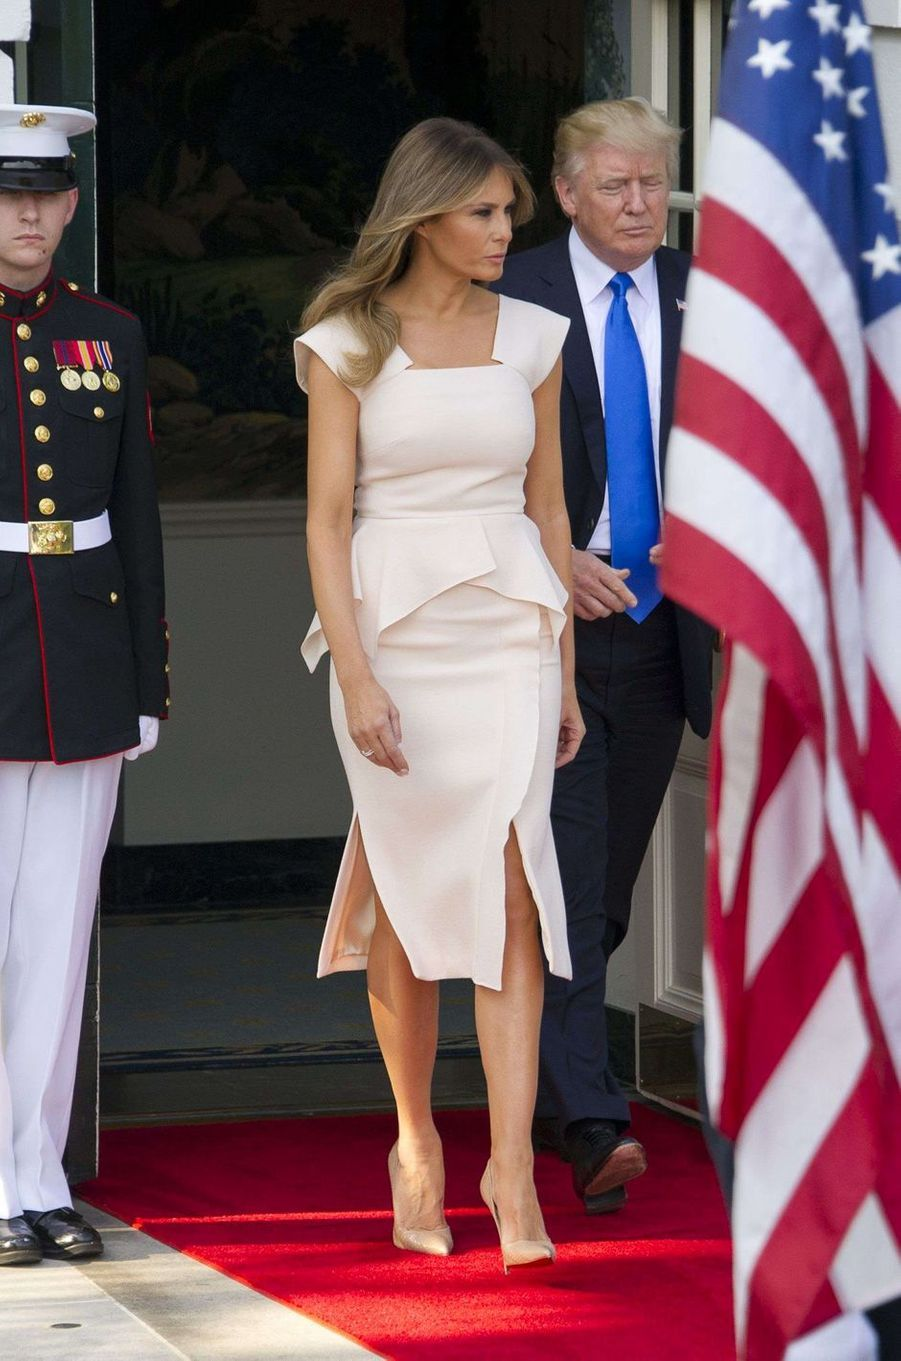 Melania et Donald Trumpà la Maison Blanche, le 29 juin 2017.